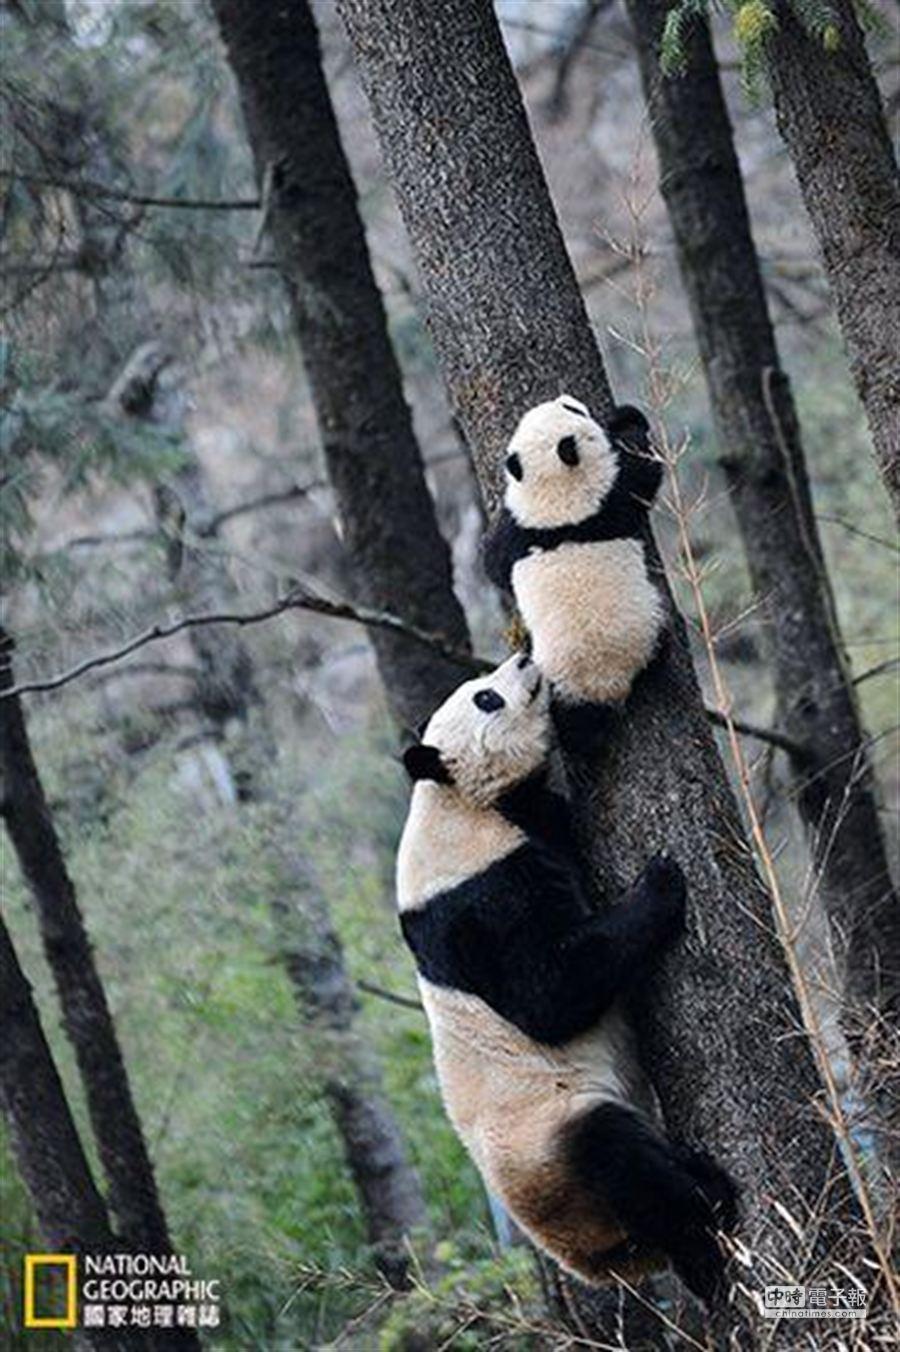 全球首隻誕生於野化培訓場的貓熊「淘淘」五個多月大時,與母親「草草」一起在臥龍的核桃坪野化培訓基地練習爬樹,為2012年10月正式放歸做準備。(攝影:羅小韻)